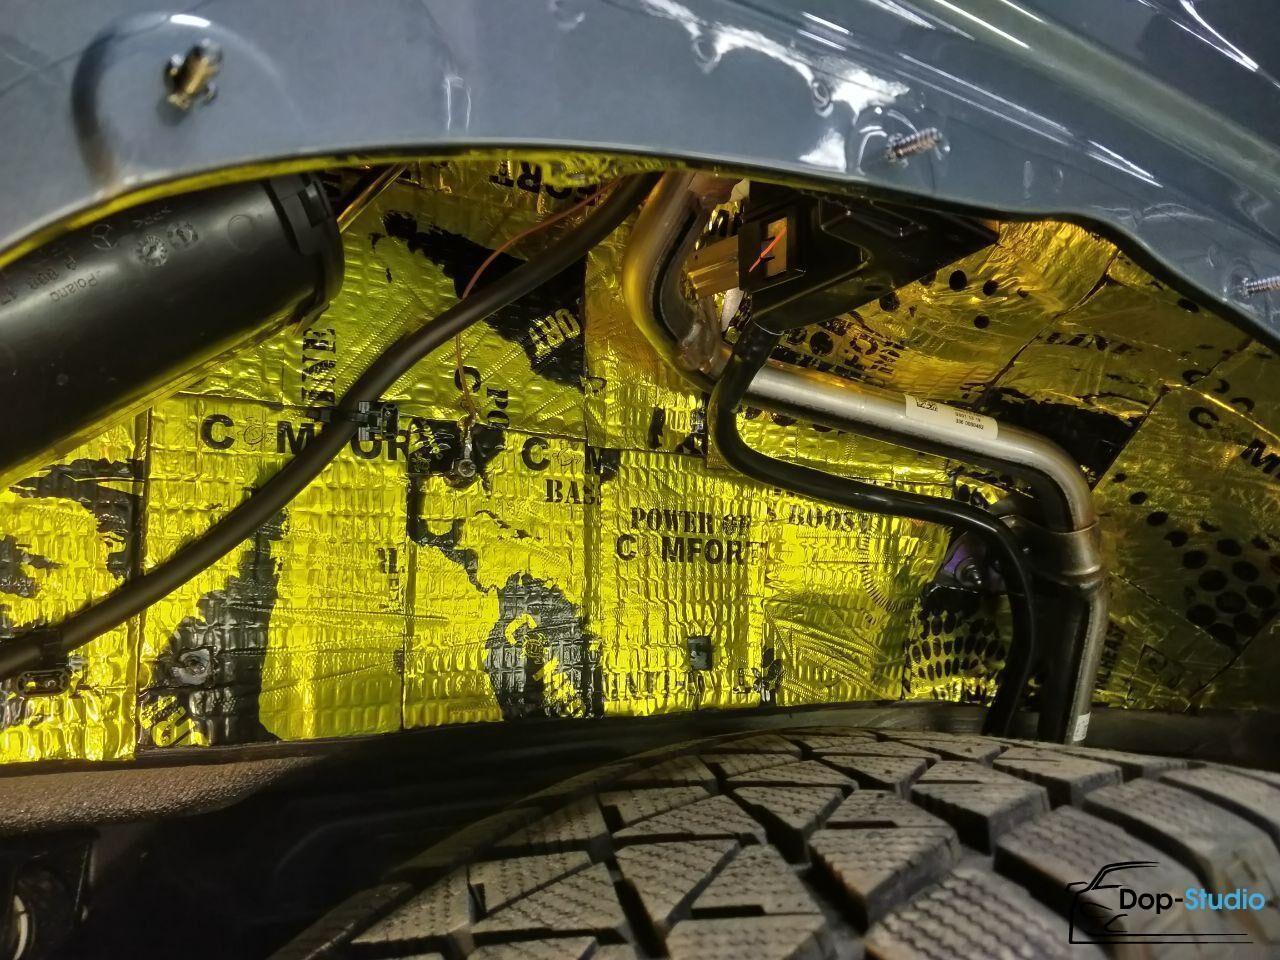 Сделать шумоизоляцию арок в машине Алтуфьево